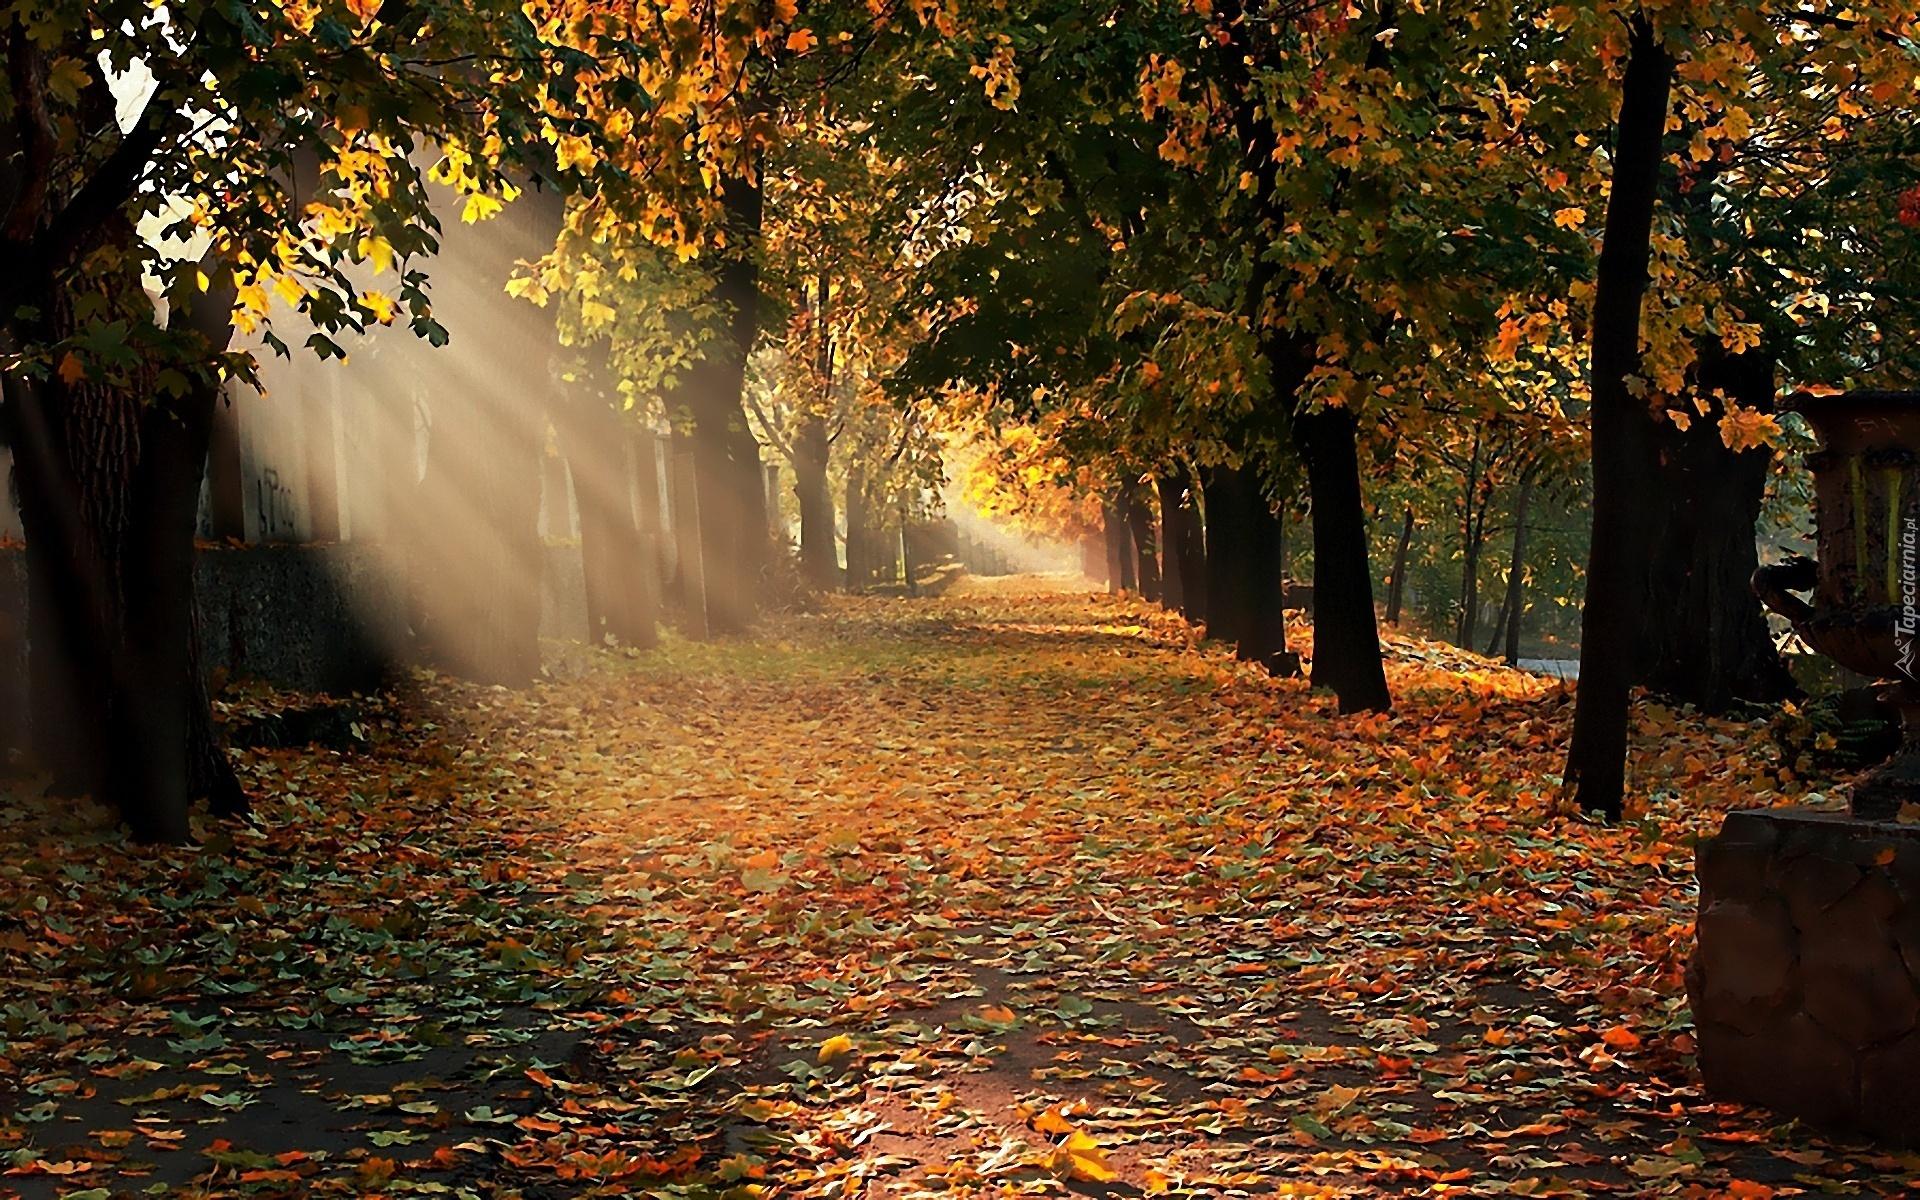 Самые красивые пейзажи фотографии Весенние фото пейзажи